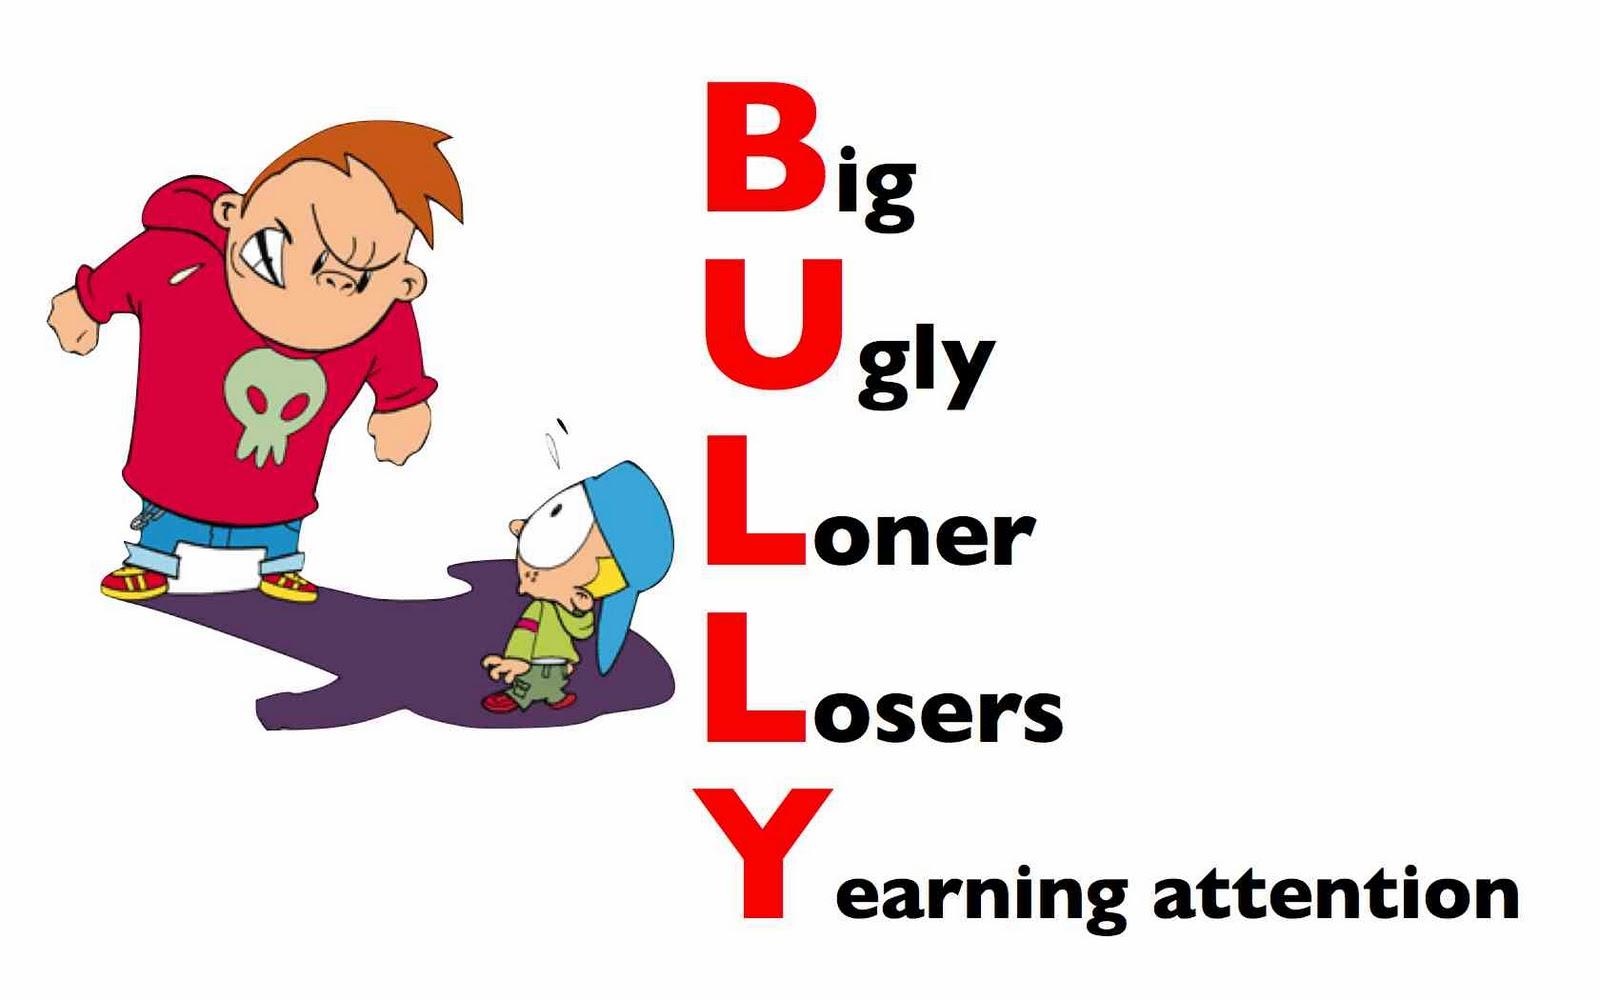 https://i2.wp.com/4.bp.blogspot.com/-6WuKmz0bINY/T06ieedvw7I/AAAAAAAAAU4/-yAceusozrI/s1600/bullyboy.jpg?resize=673%2C421